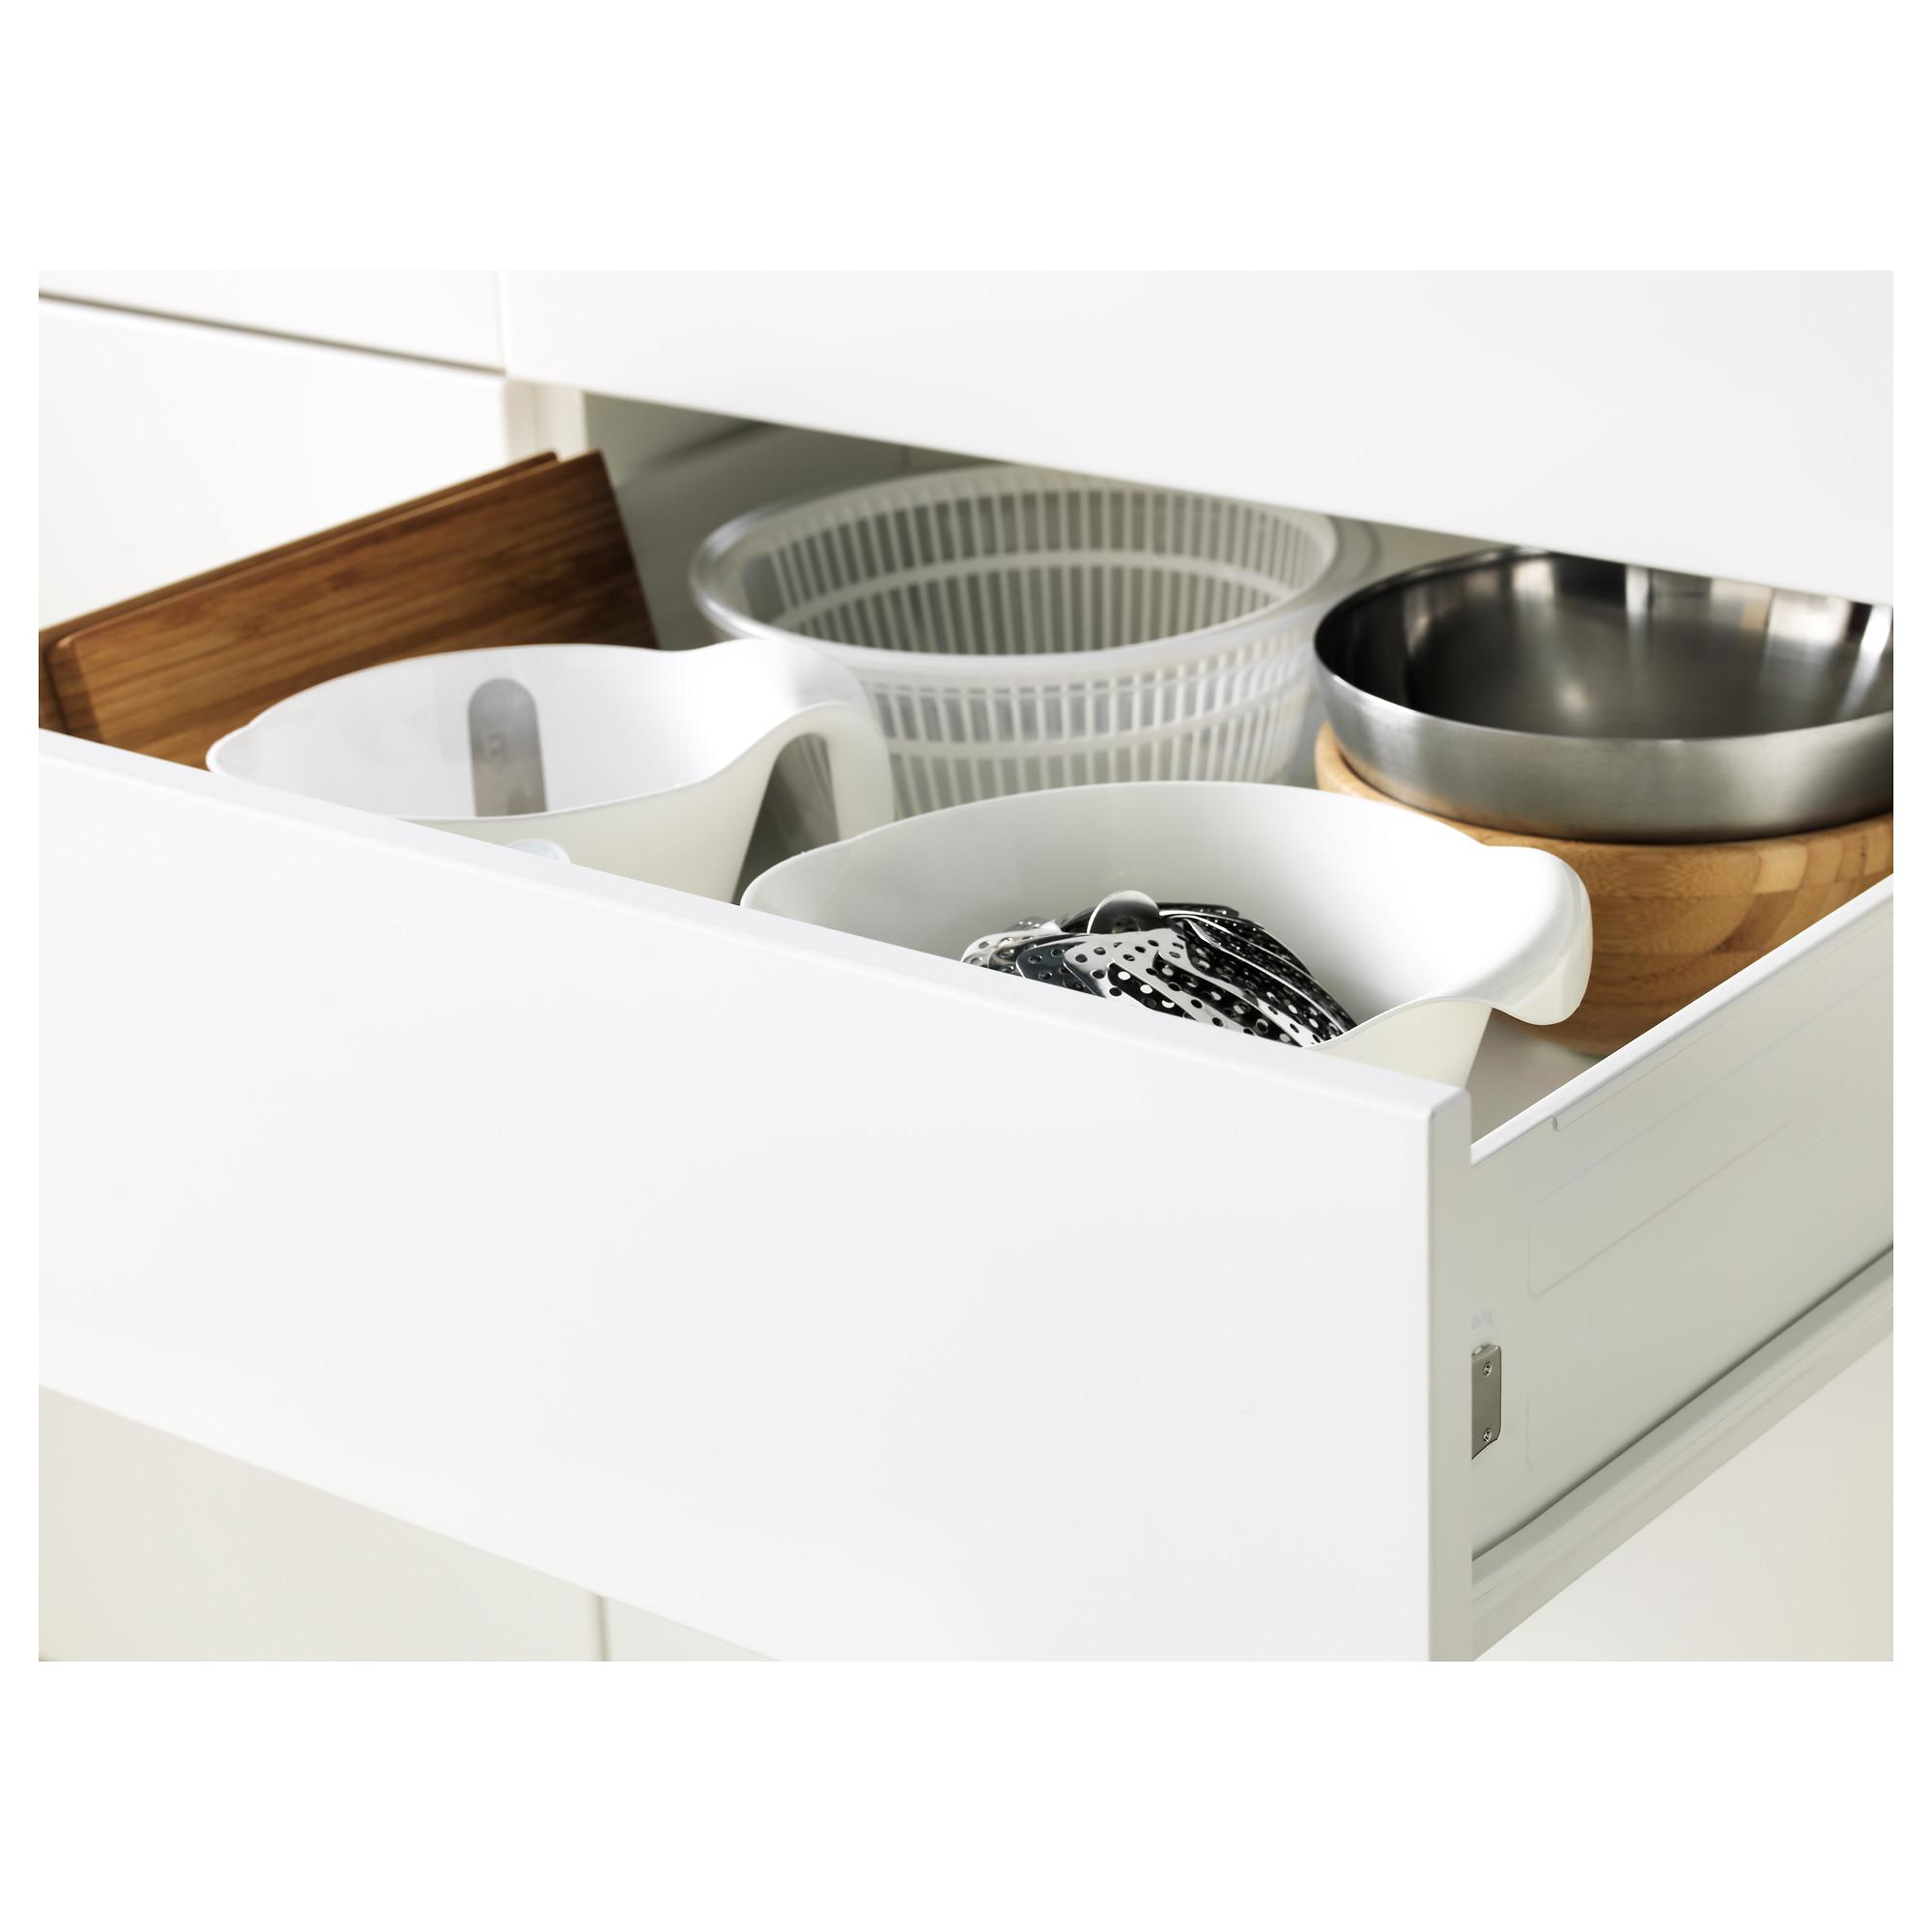 Высокий шкаф для духовки, дверца, 4 ящика МЕТОД / ФОРВАРА черный артикуль № 792.674.40 в наличии. Онлайн магазин IKEA РБ. Недорогая доставка и соборка.